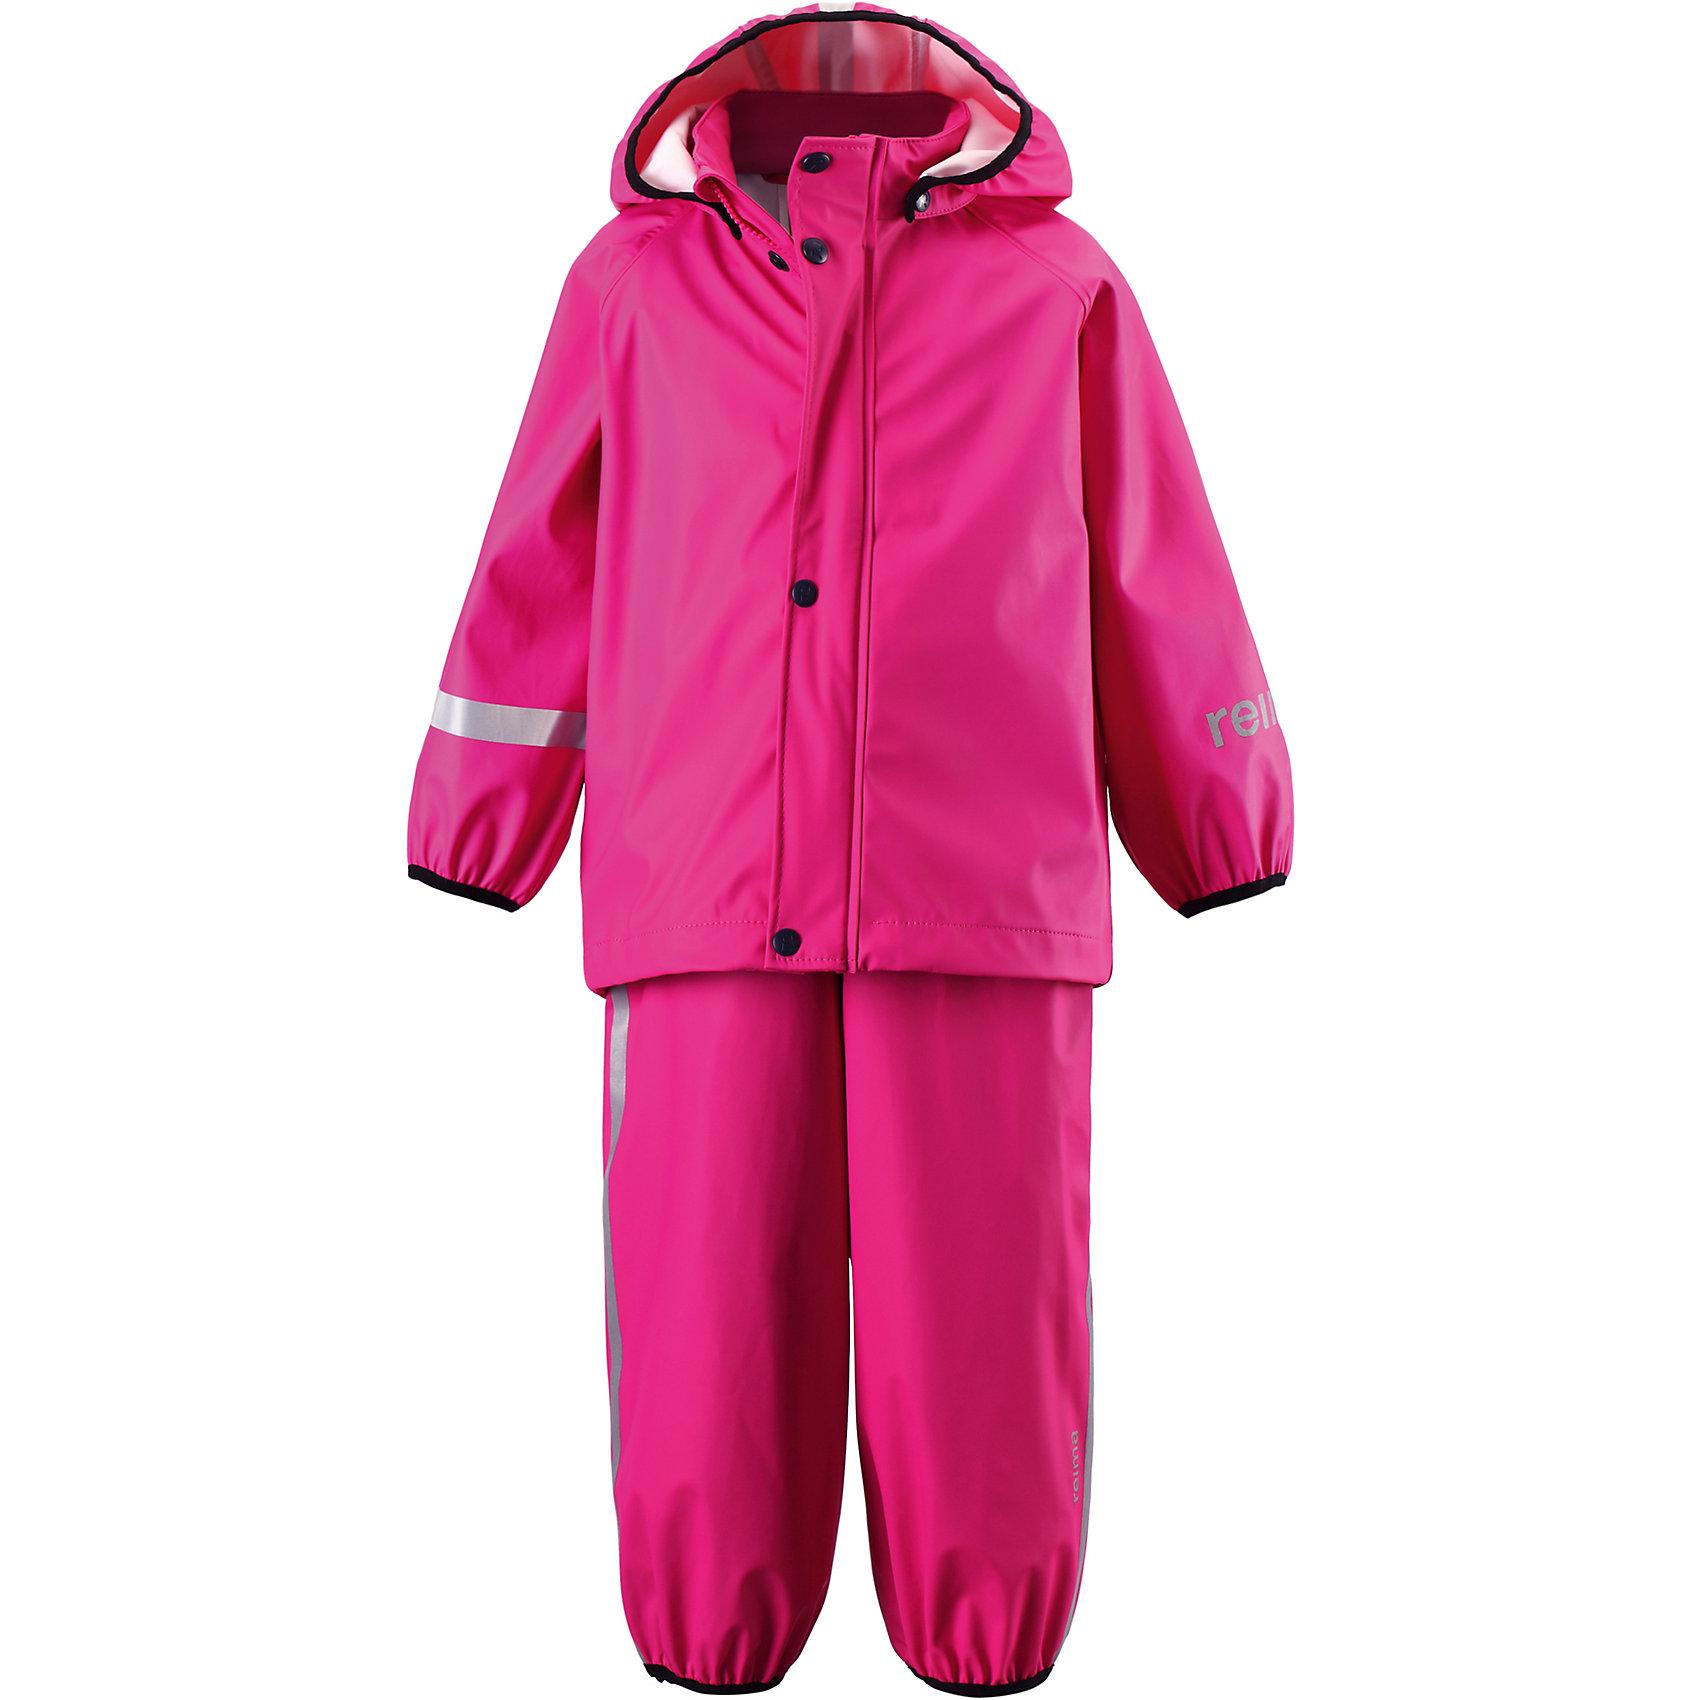 Непромокаемый комплект: куртка и брюки Tihku для девочки ReimaНепромокаемый комплект: куртка и брюки Reima.<br>Комплект для дождливой погоды для малышей. Запаянные швы, не пропускающие влагу. Эластичный материал. Без ПХВ. Безопасный, съемный капюшон. Эластичная резинка на кромке капюшона. Эластичные манжеты. Регулируемый обхват талии. Эластичная резинка на штанинах. Съемные эластичные штрипки. Молния спереди. Регулируемые эластичные подтяжки. Безопасные светоотражающие детали. Отличный вариант для дождливой погоды.<br>Уход:<br>Стирать по отдельности, вывернув наизнанку. Застегнуть молнии и липучки. Стирать моющим средством, не содержащим отбеливающие вещества. Полоскать без специального средства. Во избежание изменения цвета изделие необходимо вынуть из стиральной машинки незамедлительно после окончания программы стирки. Сушить при низкой температуре.<br>Состав:<br>100% Полиамид, полиуретановое покрытие<br><br>Ширина мм: 356<br>Глубина мм: 10<br>Высота мм: 245<br>Вес г: 519<br>Цвет: розовый<br>Возраст от месяцев: 60<br>Возраст до месяцев: 72<br>Пол: Женский<br>Возраст: Детский<br>Размер: 116,80,98,110,86,104,92<br>SKU: 4776164